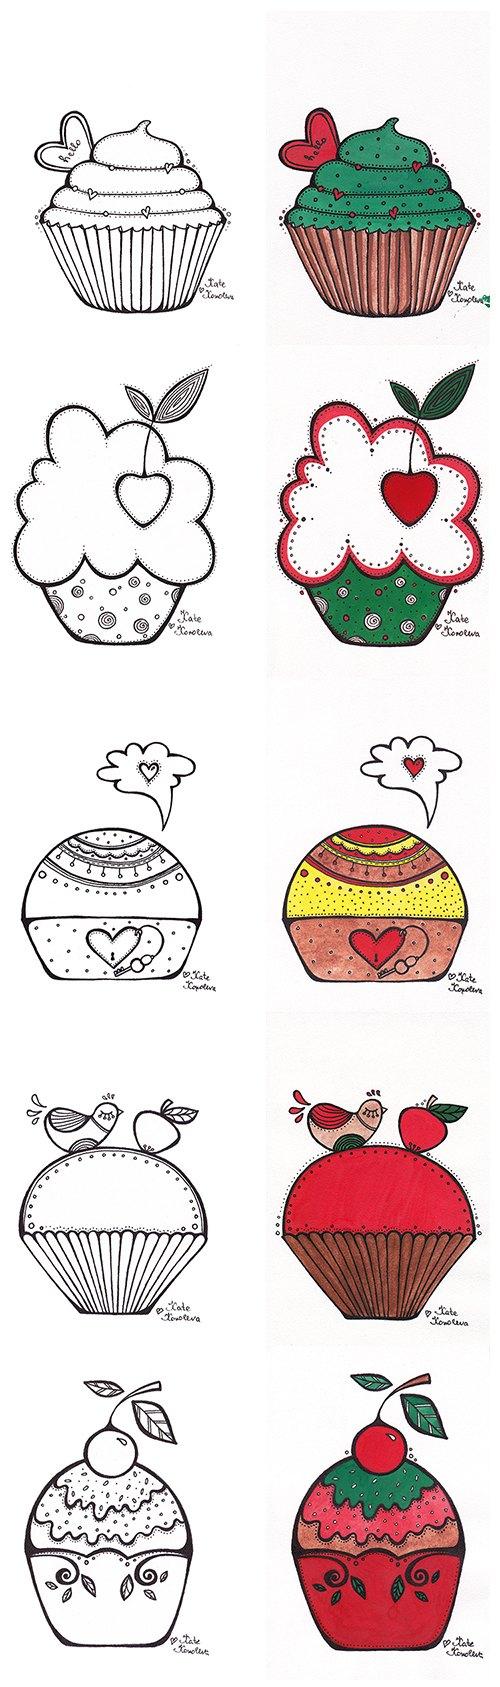 Нарисованные кексы поэтапно